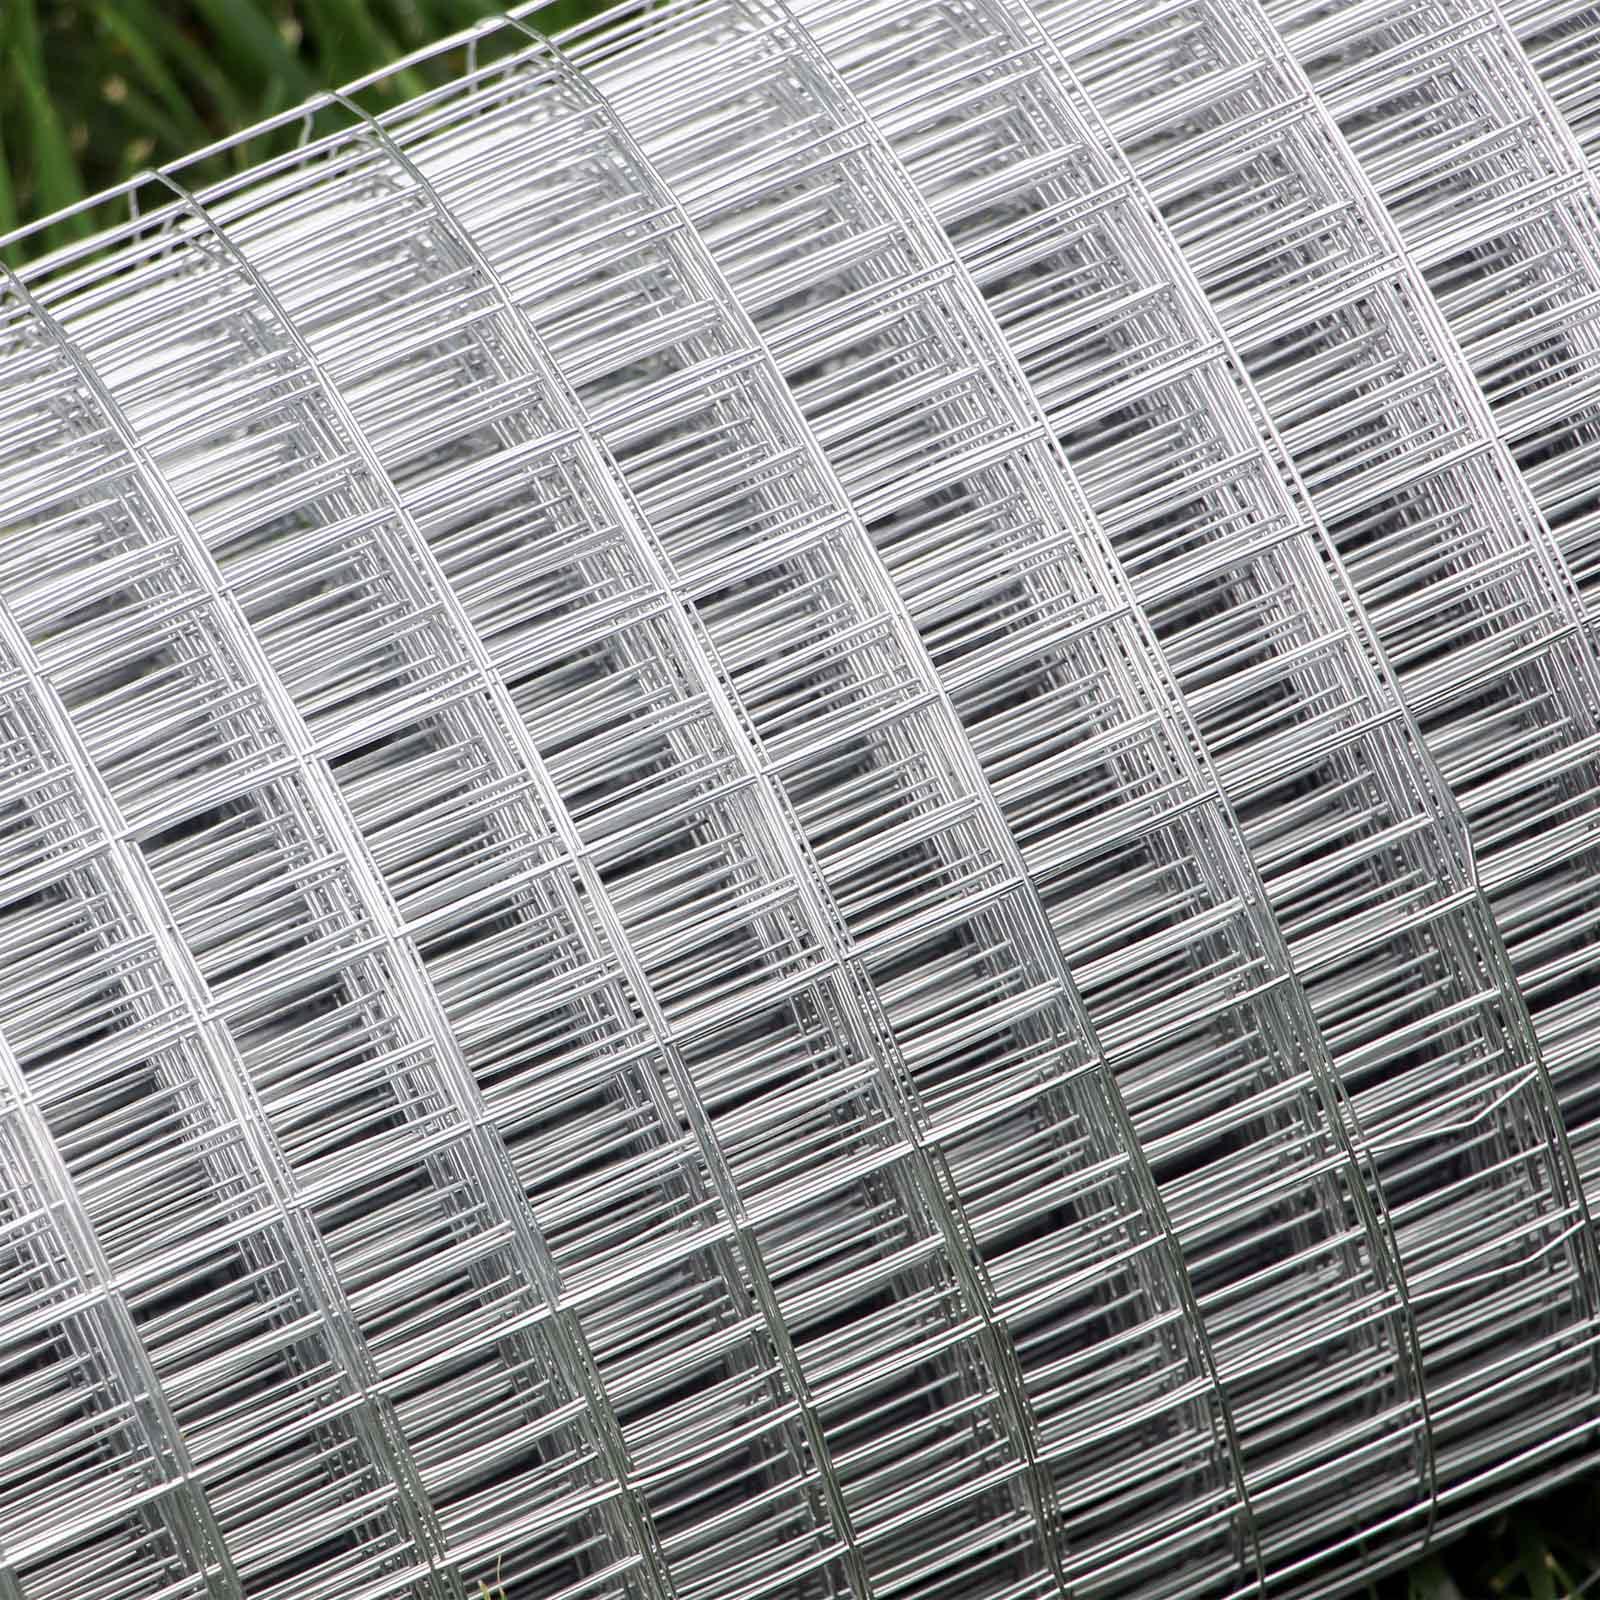 Grille cloture (brise, barriere) : les produits du moment ...